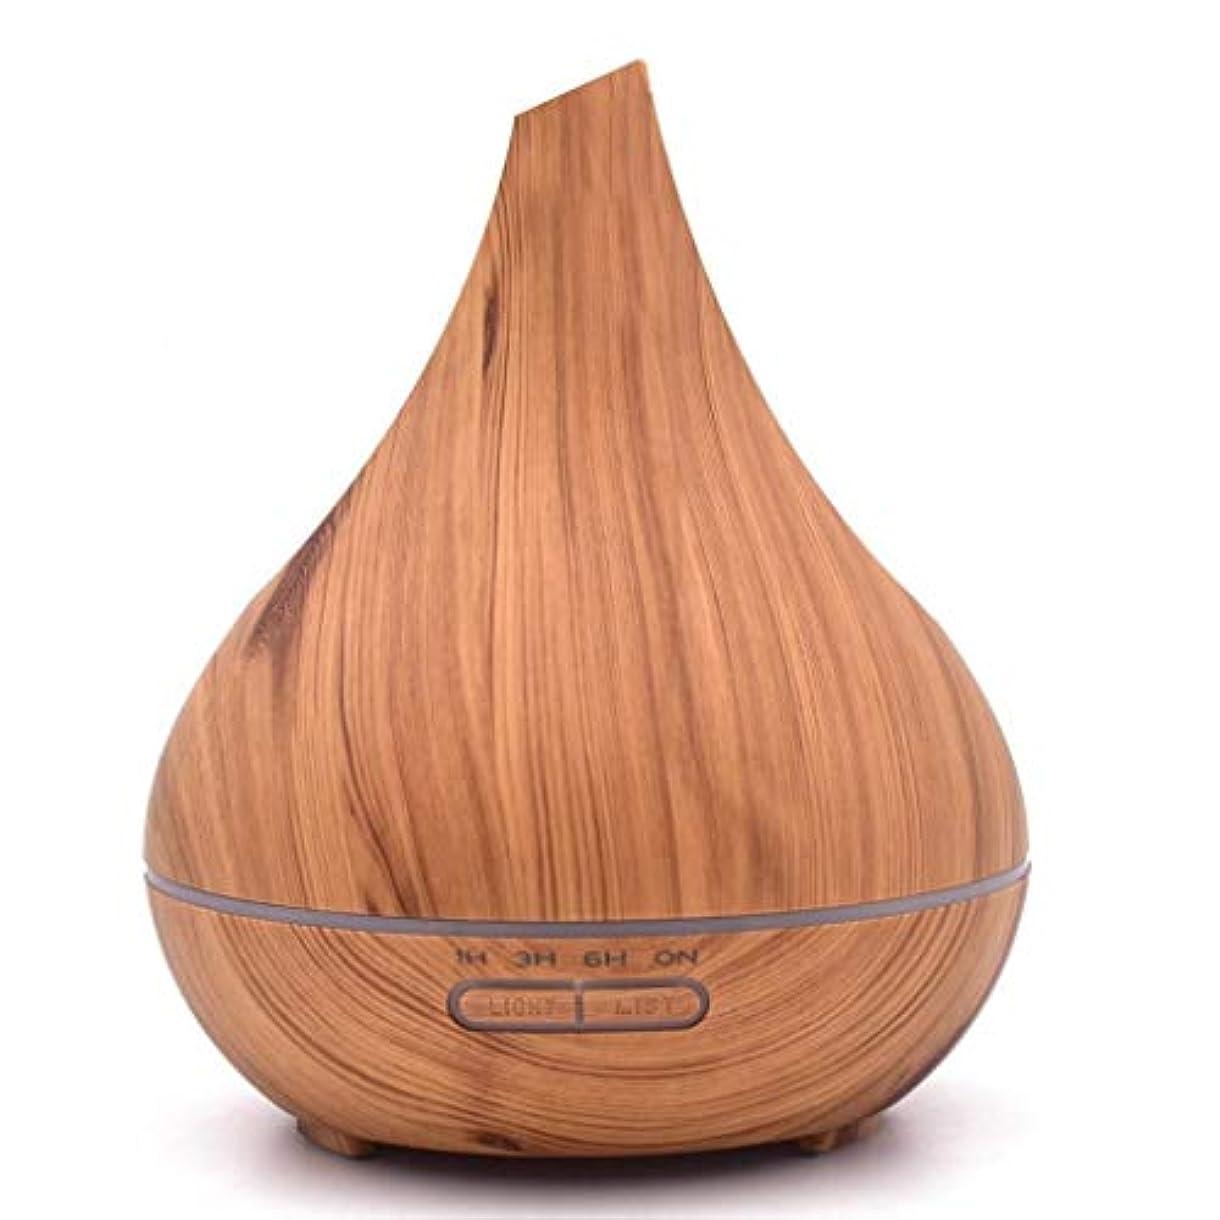 送信するまっすぐ持つ400ミリリットルエッセンシャルオイルディフューザーアロマセラピーささやき静かな操作水なし電源オフ用オフィスホームヨガスパギフト用女性 (Color : Light Wood Grain)